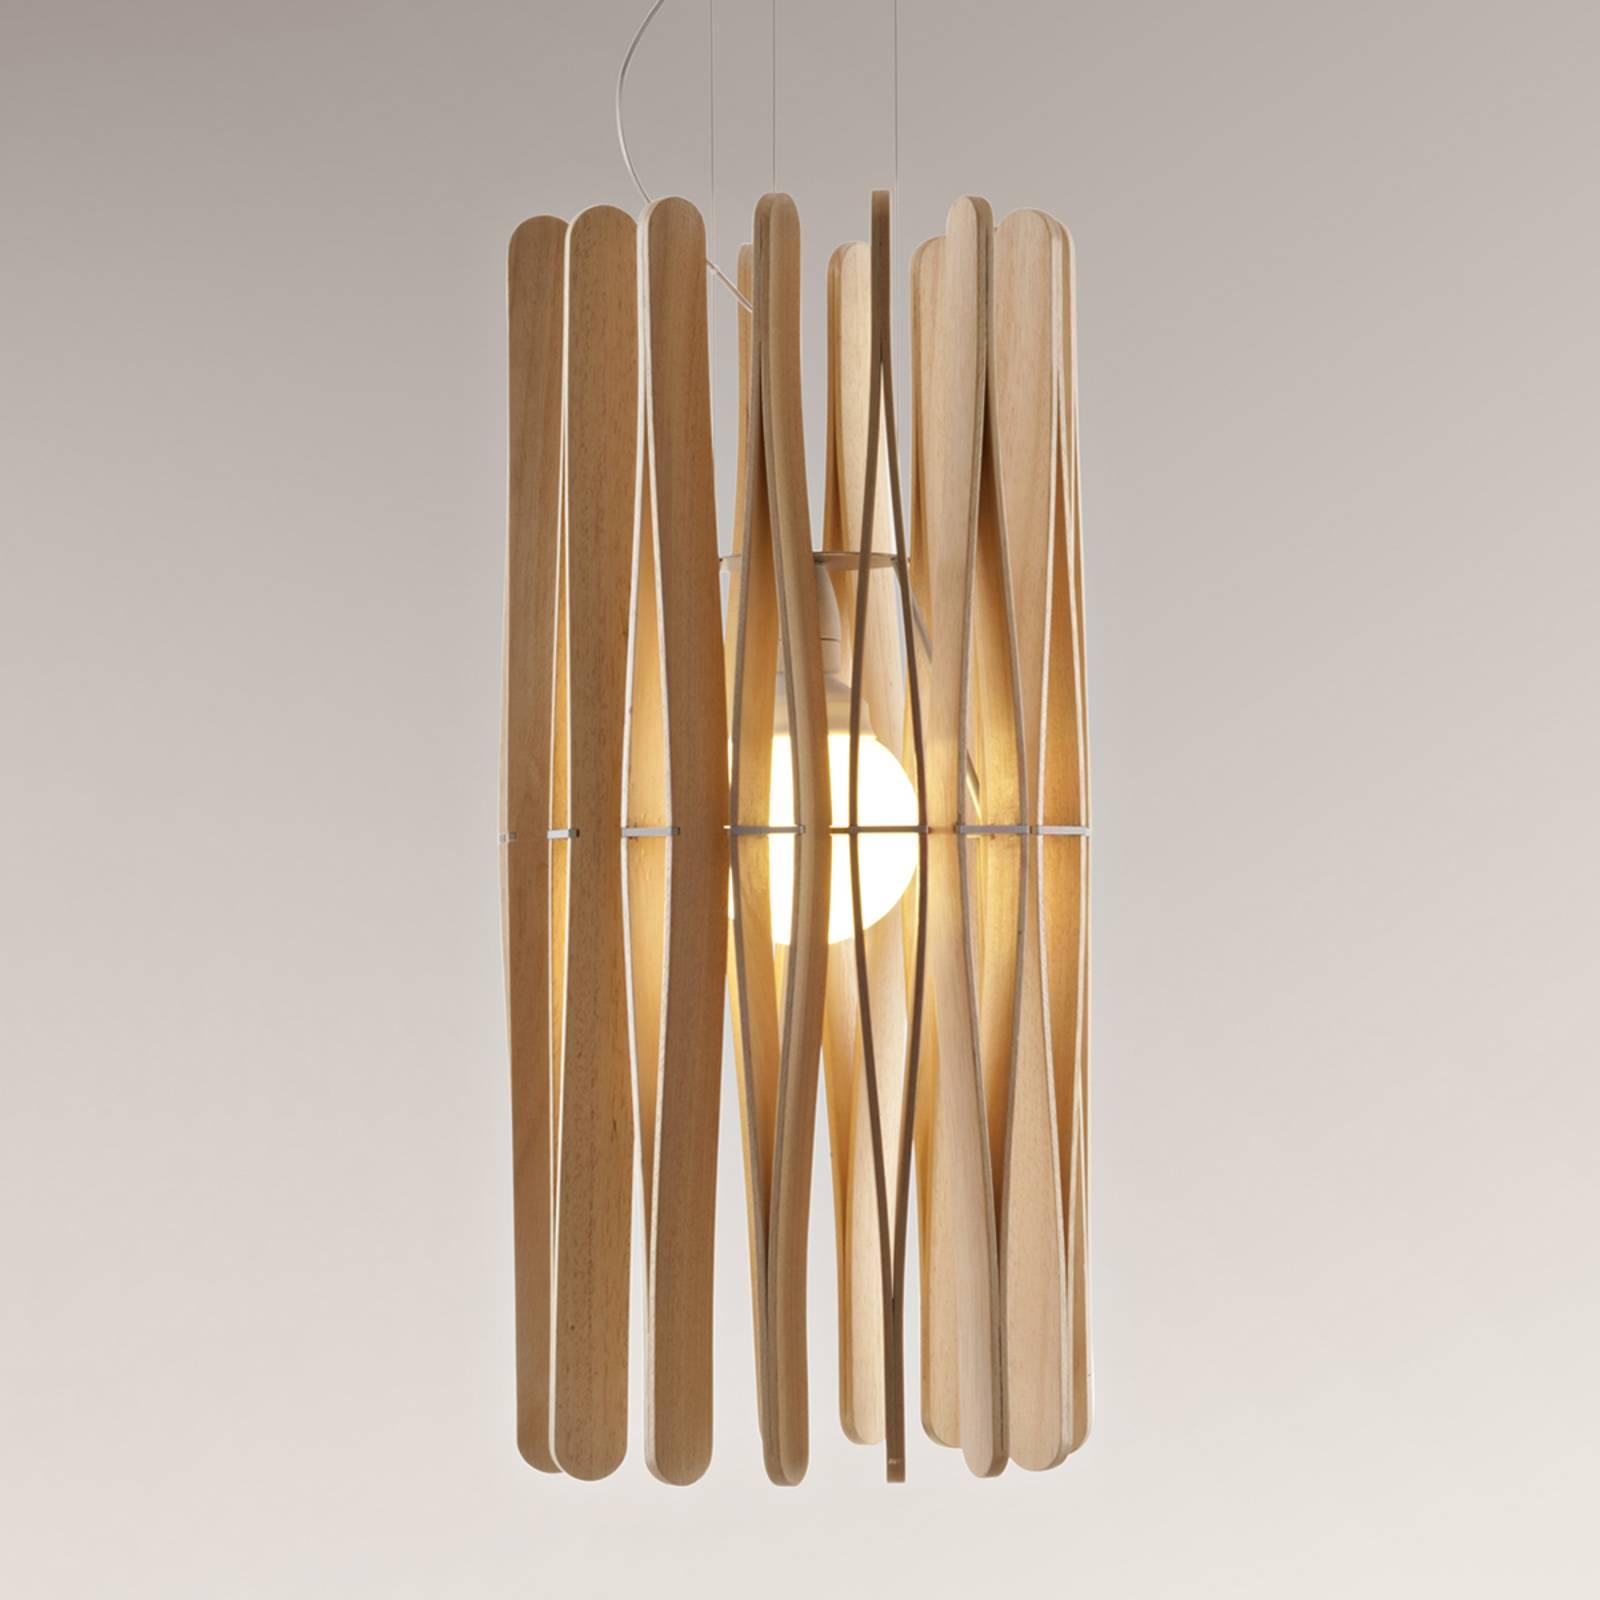 Fabbian Stick lampa wisząca, cylindryczna, 33cm